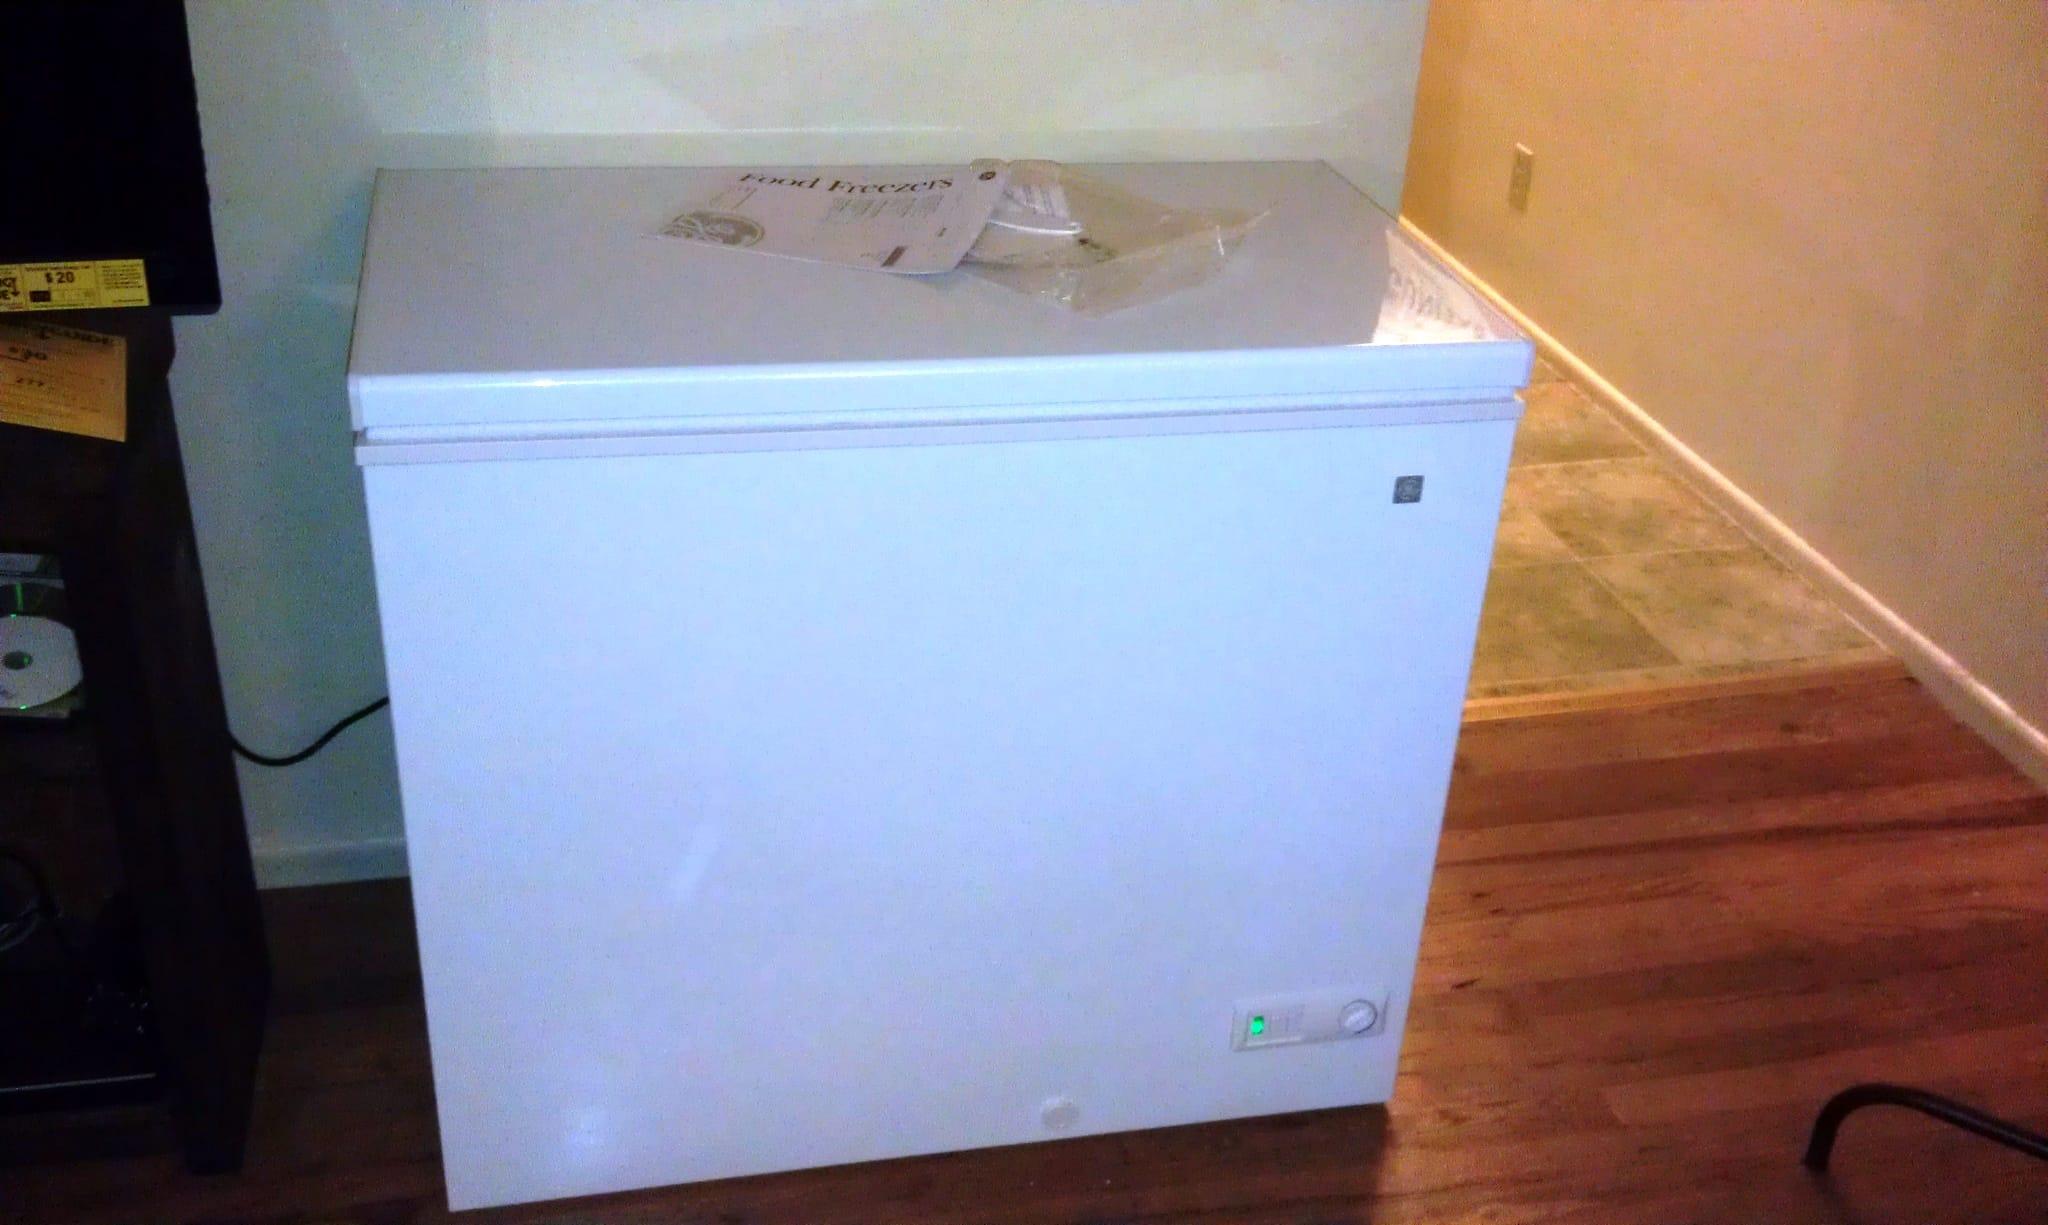 Compra un congelatore usato e fa una macabra scoperta, al suo interno c'era il cadavere di una donna